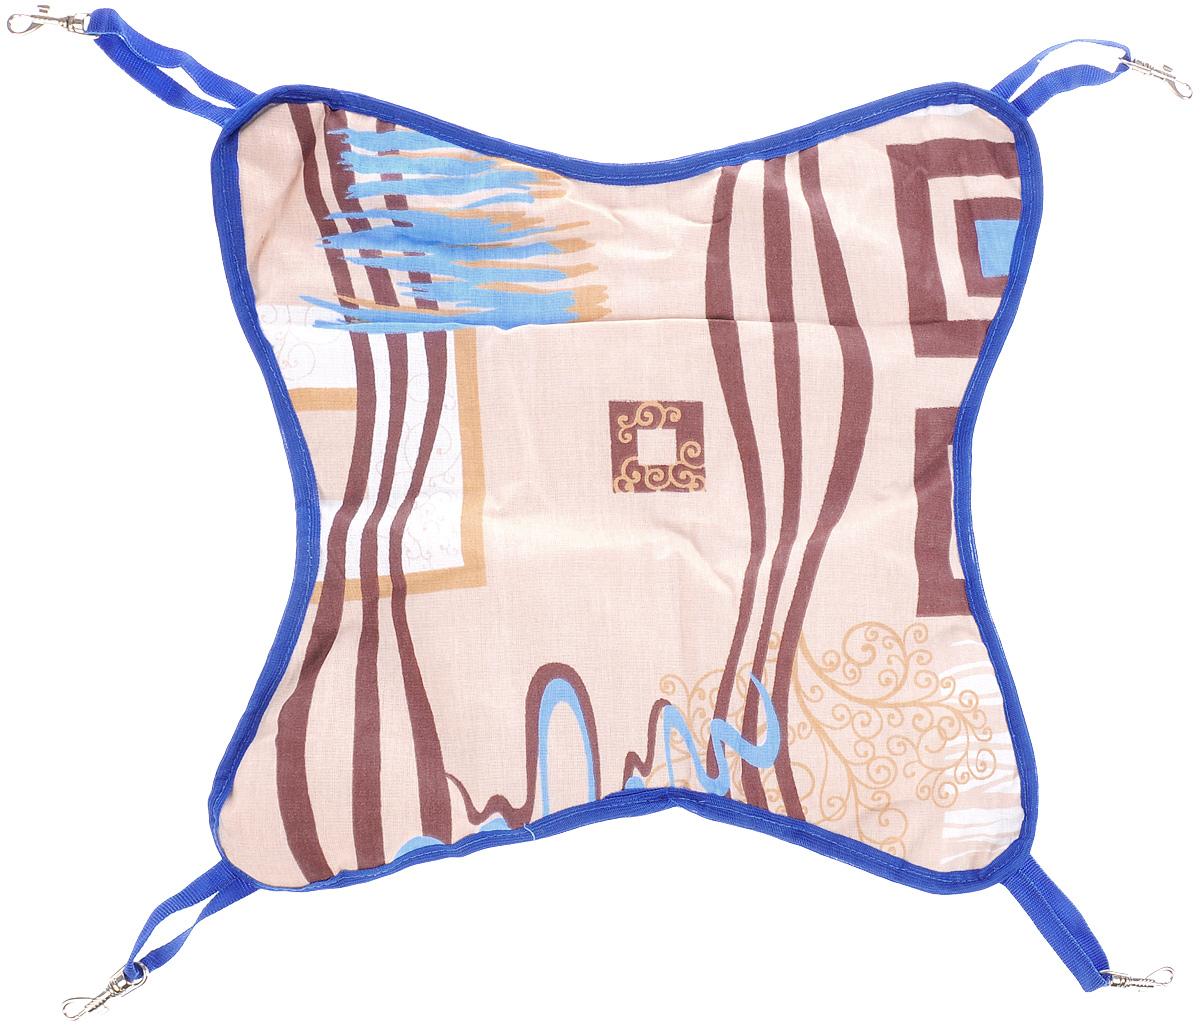 Гамак для шиншилл и хорьков ЗооМарк, подвесной, цвет: бежевый, коричневый, синий. Д-11 гамак кроватка для шиншилл и хорьков зоомарк подвесной цвет красный д 12к